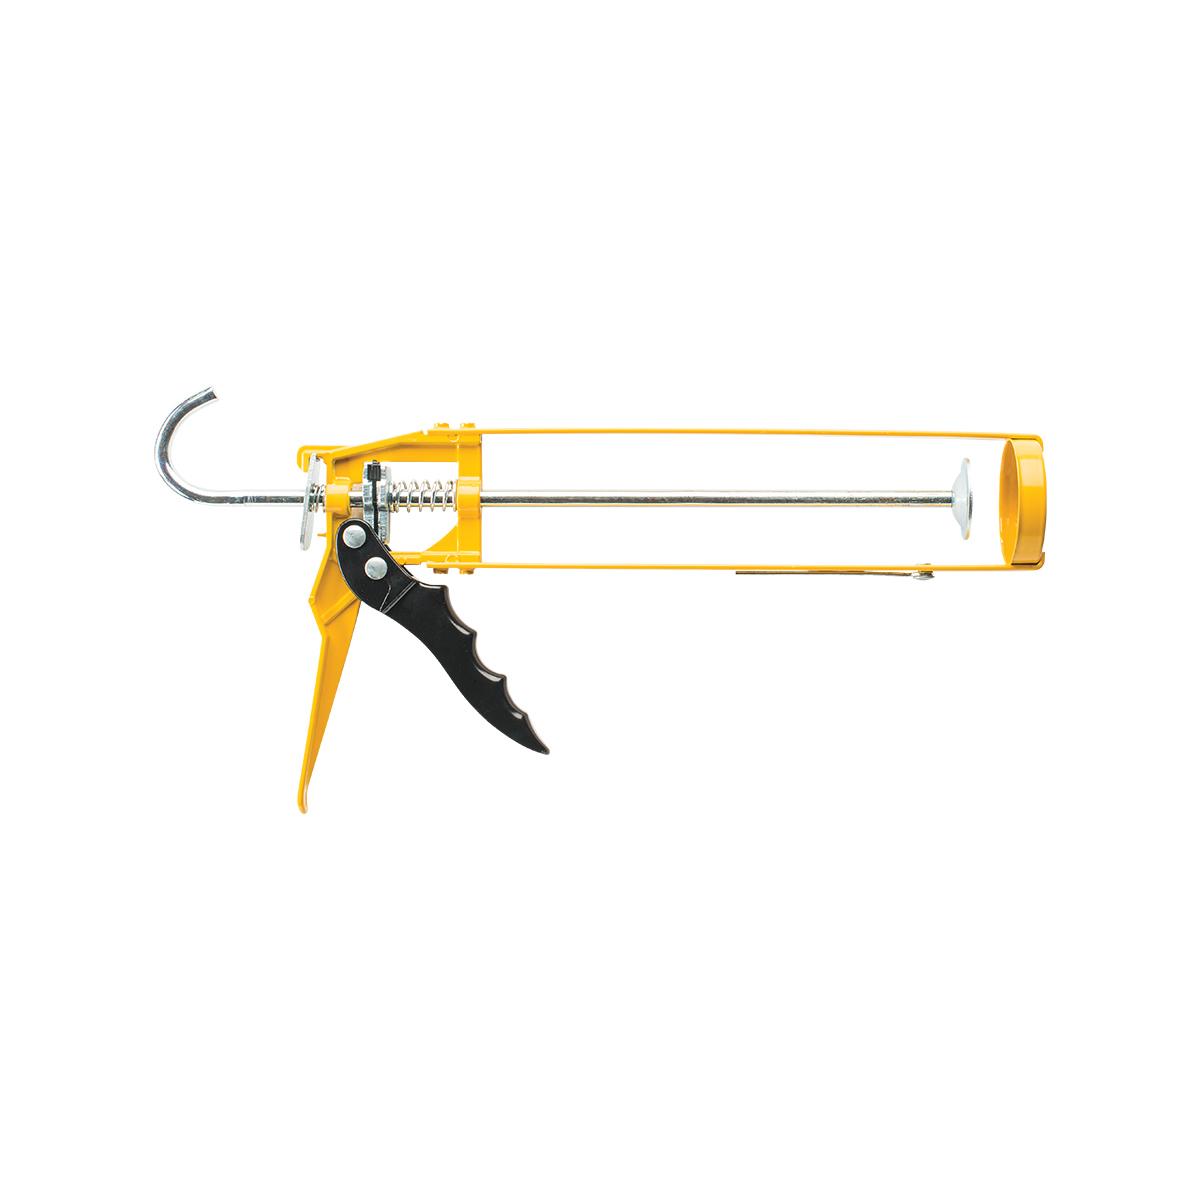 REINFORCED SKELETON CAULKING GUN OPEN